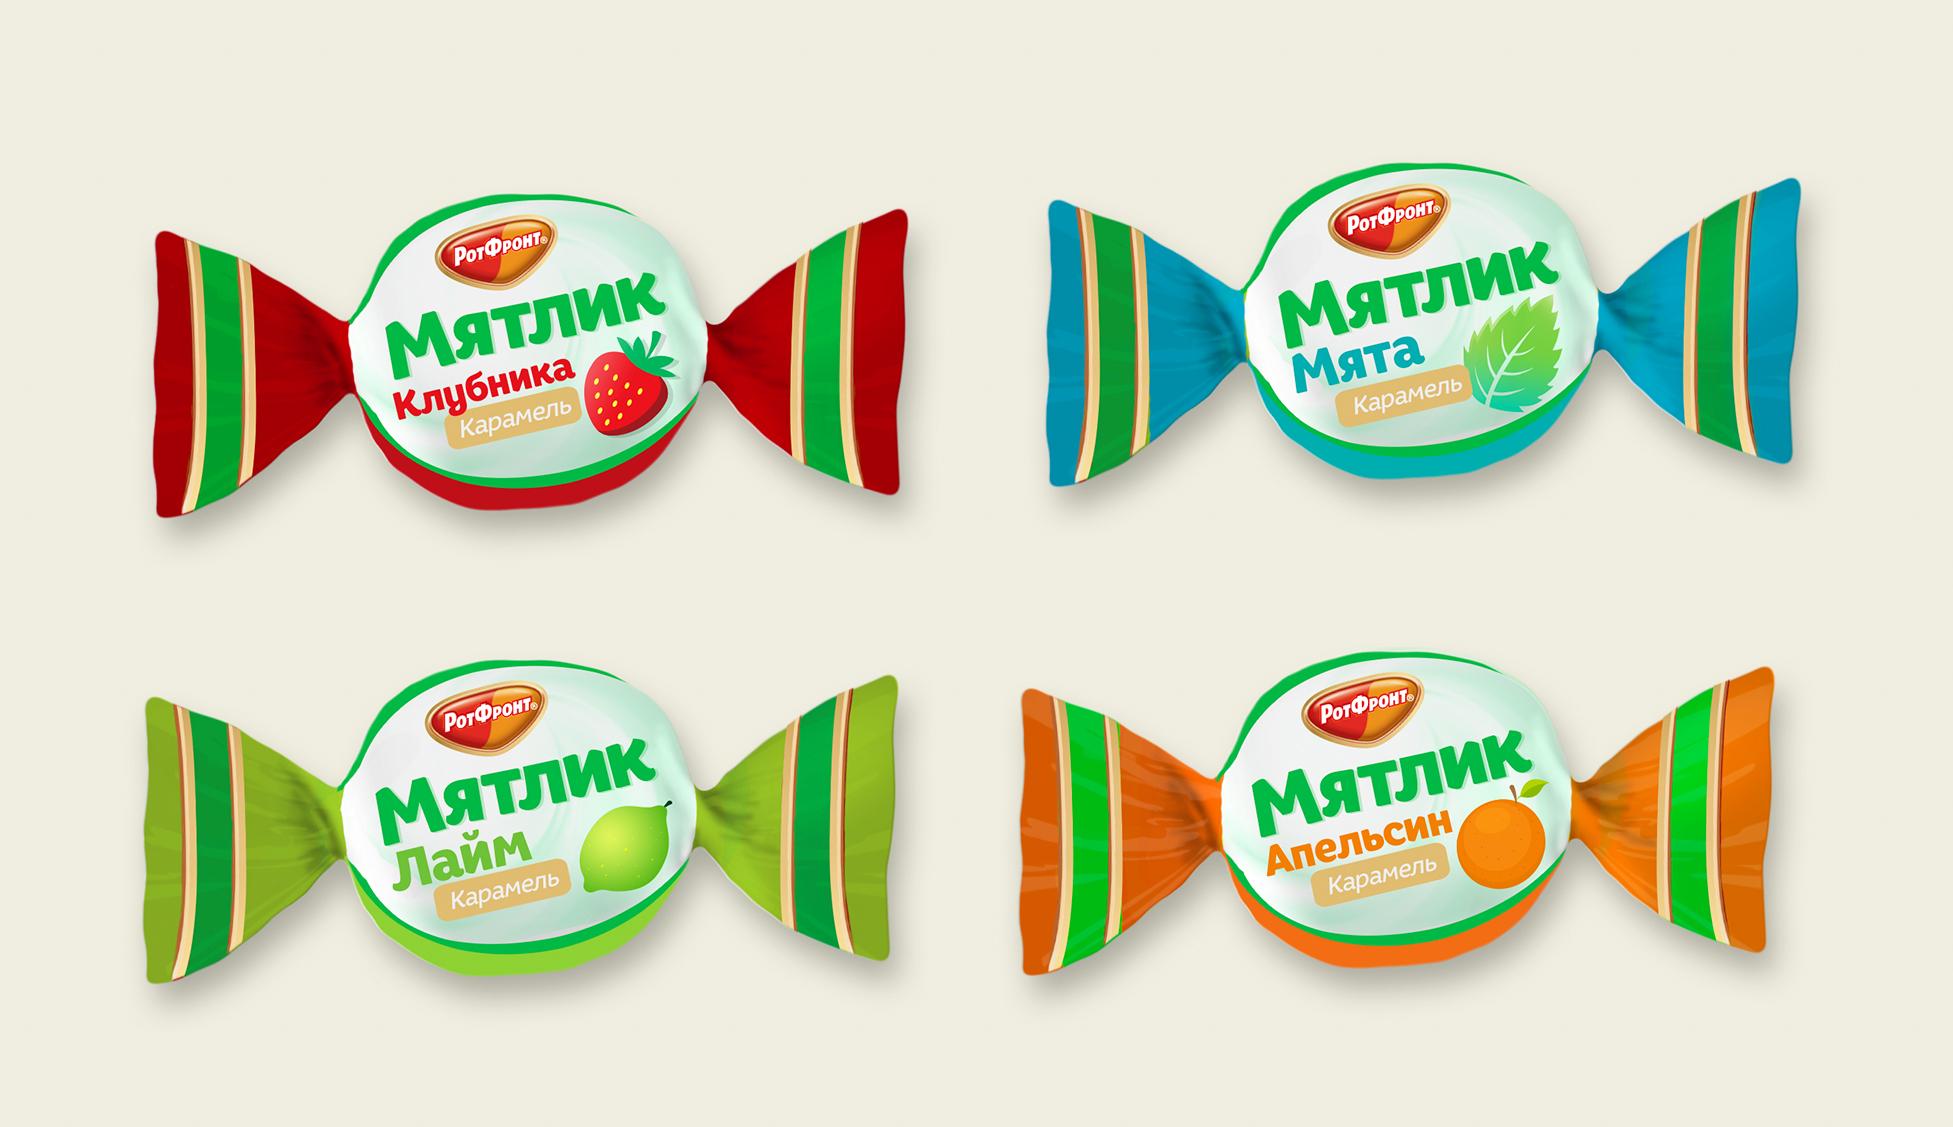 Разработка дизайна упаковки для мятной карамели от Рот Фронт фото f_98959f24330b3bcc.jpg